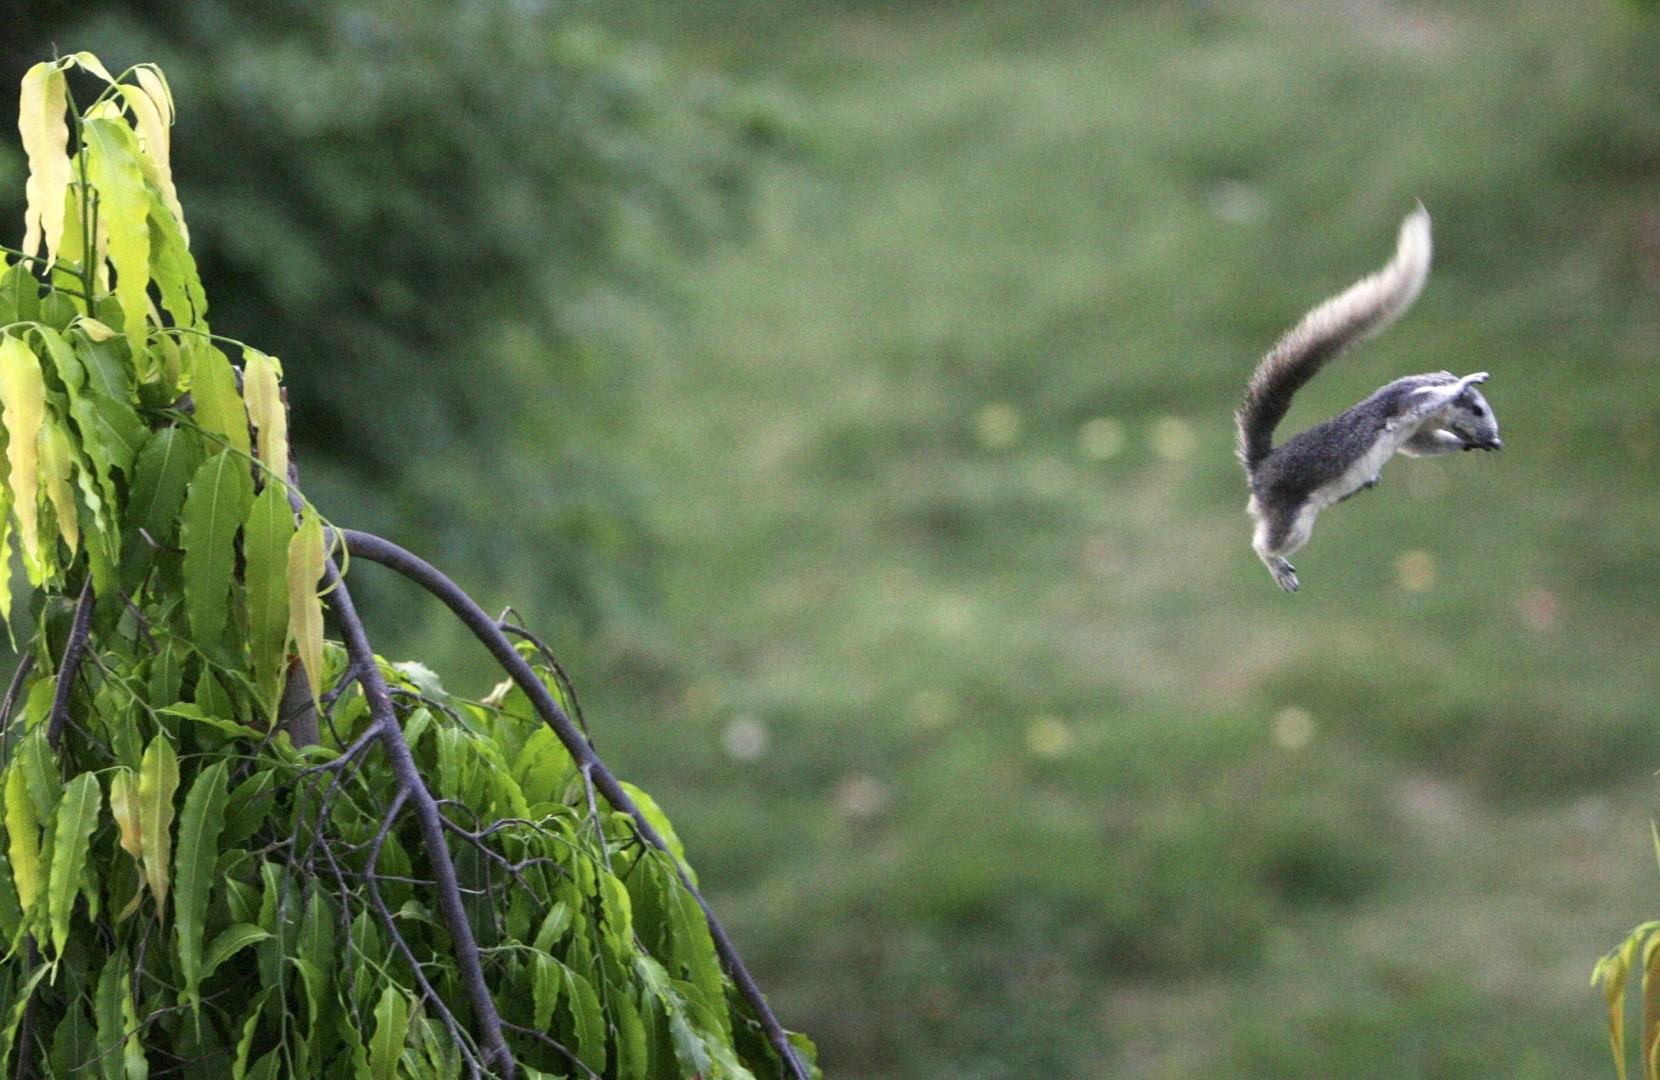 Siva veverica ni tako nedolžna kot izgleda. V Veliki Britaniji je že povsem izpodrinila avtohtono vrsto veverice, hkrati pa uničuje gnezda in mladiče domačih vrst ptic. Poleg tega uničuje električne napeljave in dela veliko škodo na vrtovih in sadovnjakih. (foto: epa)